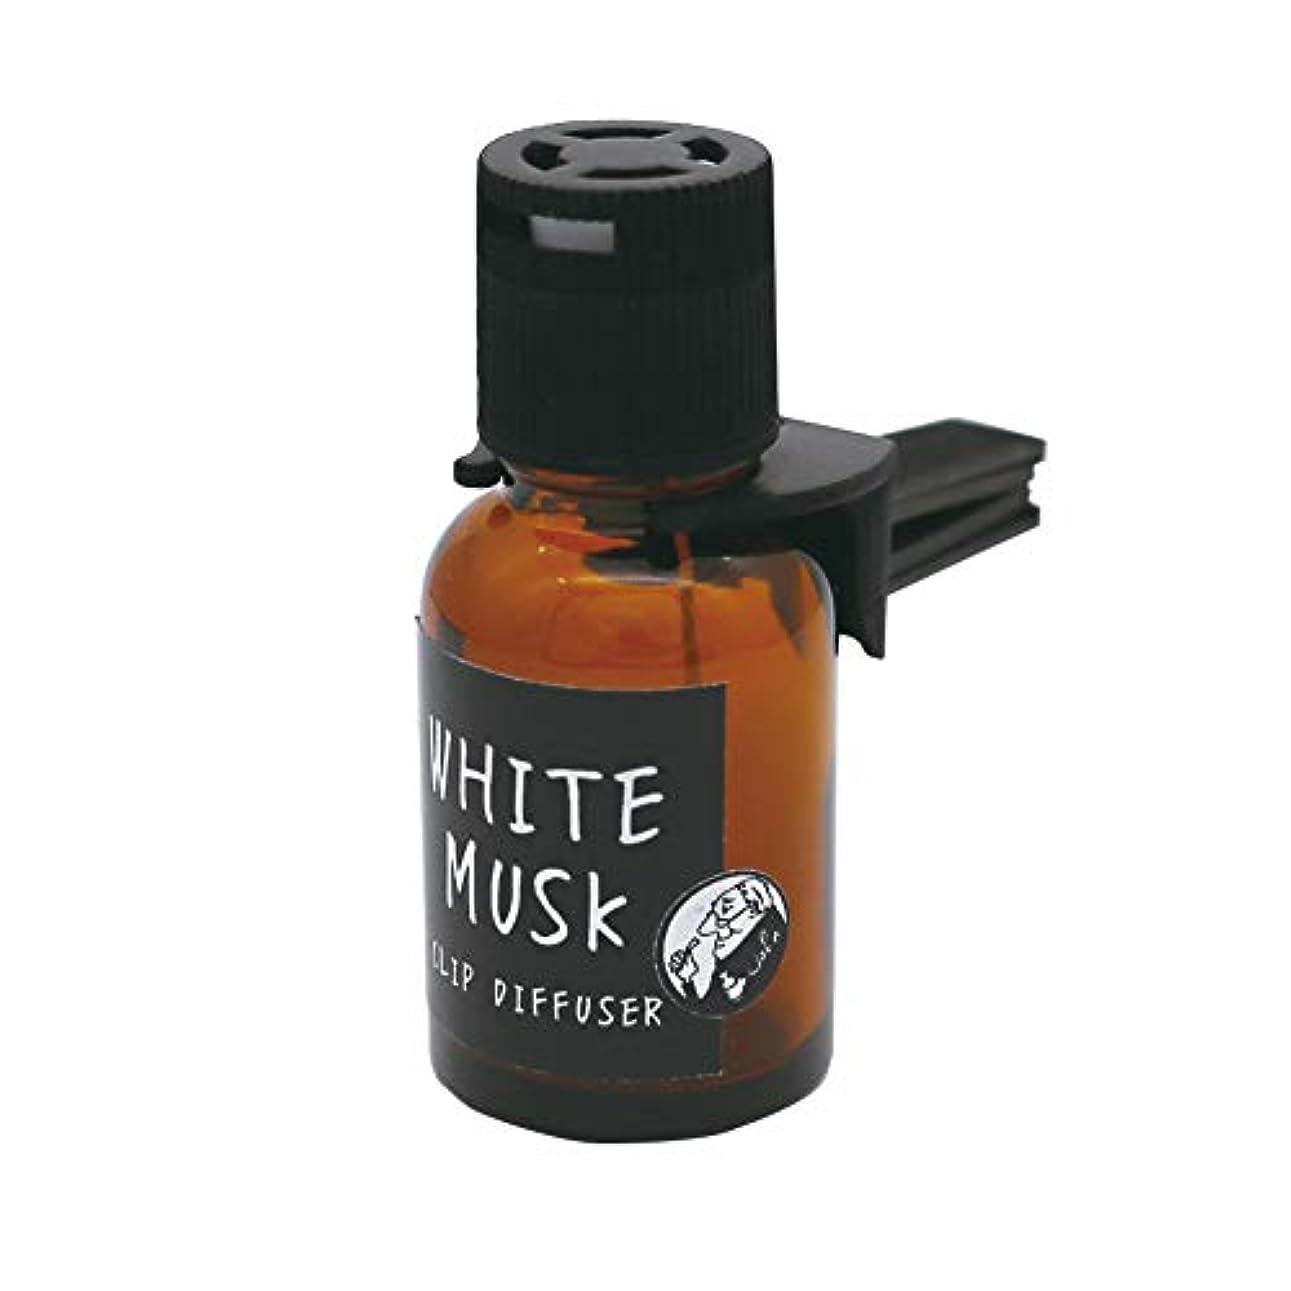 契約した飢饉デコードするノルコーポレーション 車用 芳香剤 ジョンズブレンド クリップディフューザー ホワイトムスクの香り 18ml